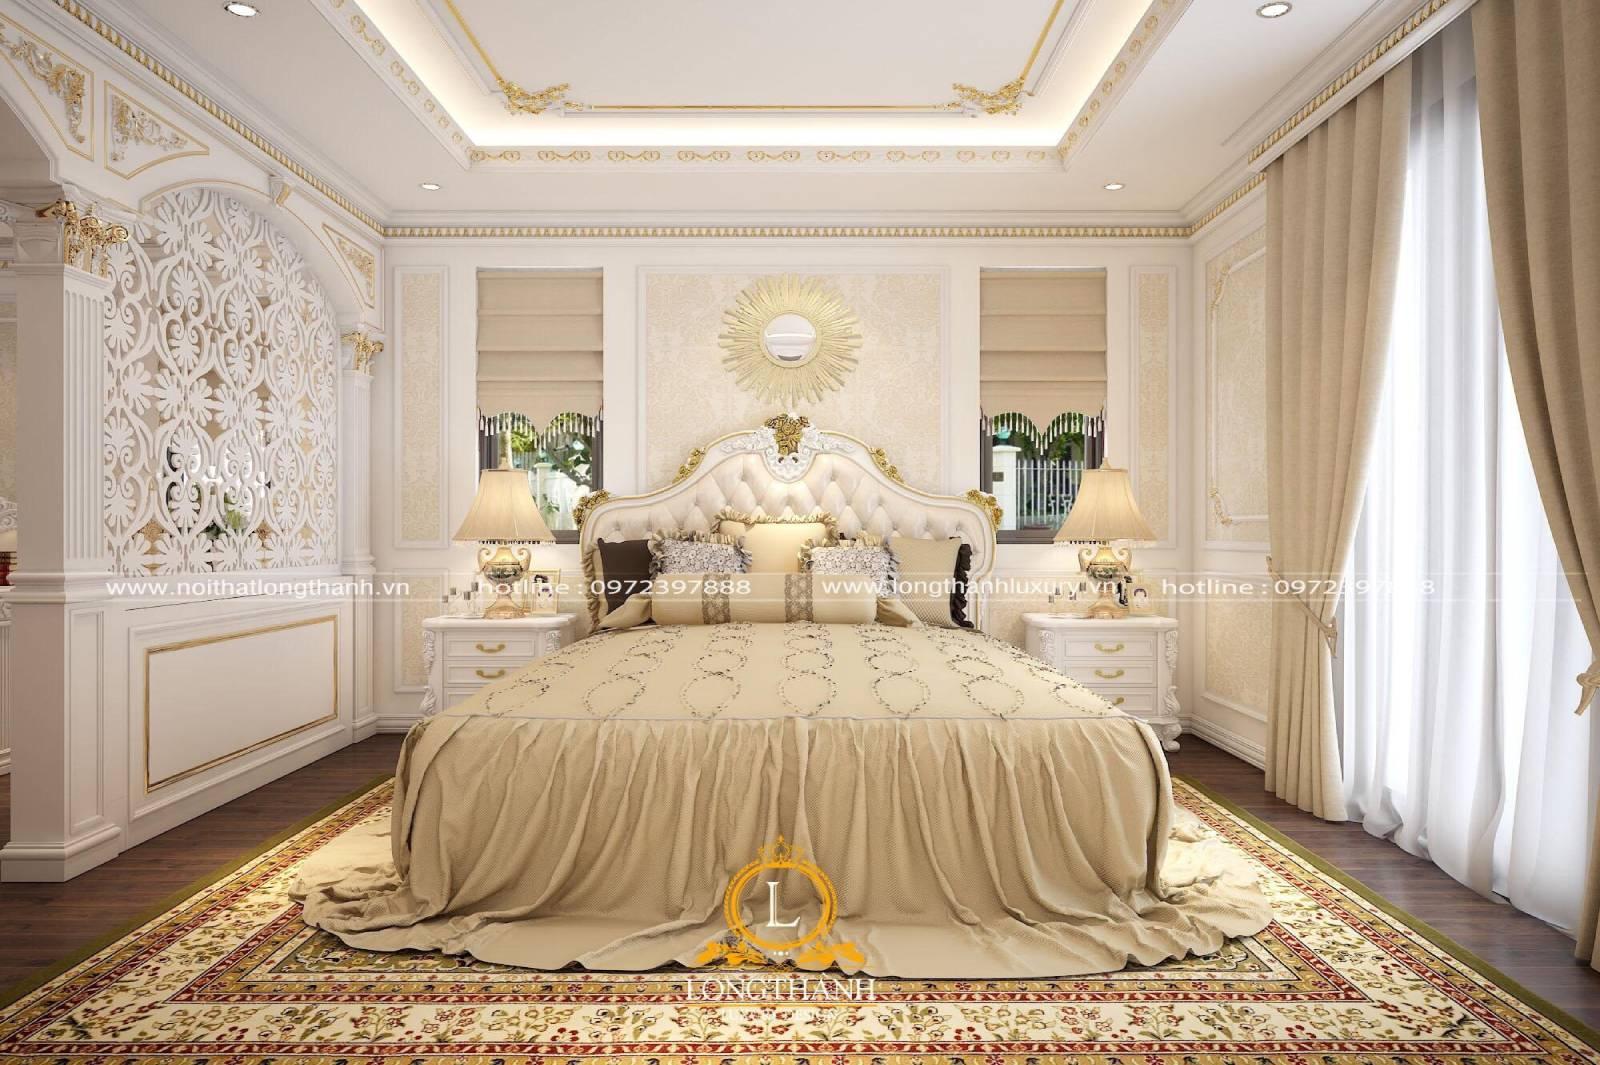 Đặc điểm chính khi thiết kế phòng ngủ phong cách tân cổ điển